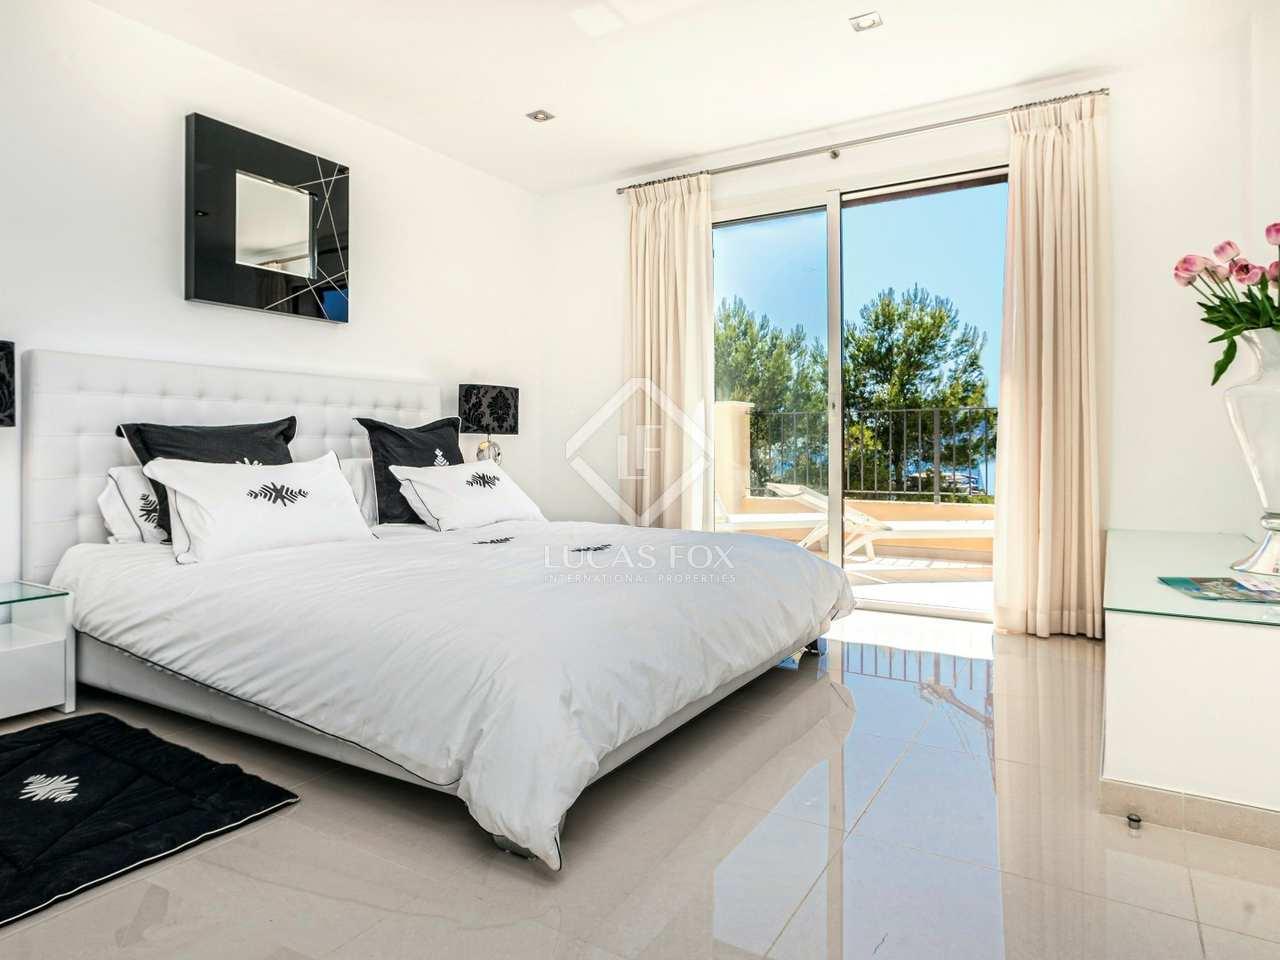 Maison Villa De 100m A Vendre Sud Ouest De Majorque